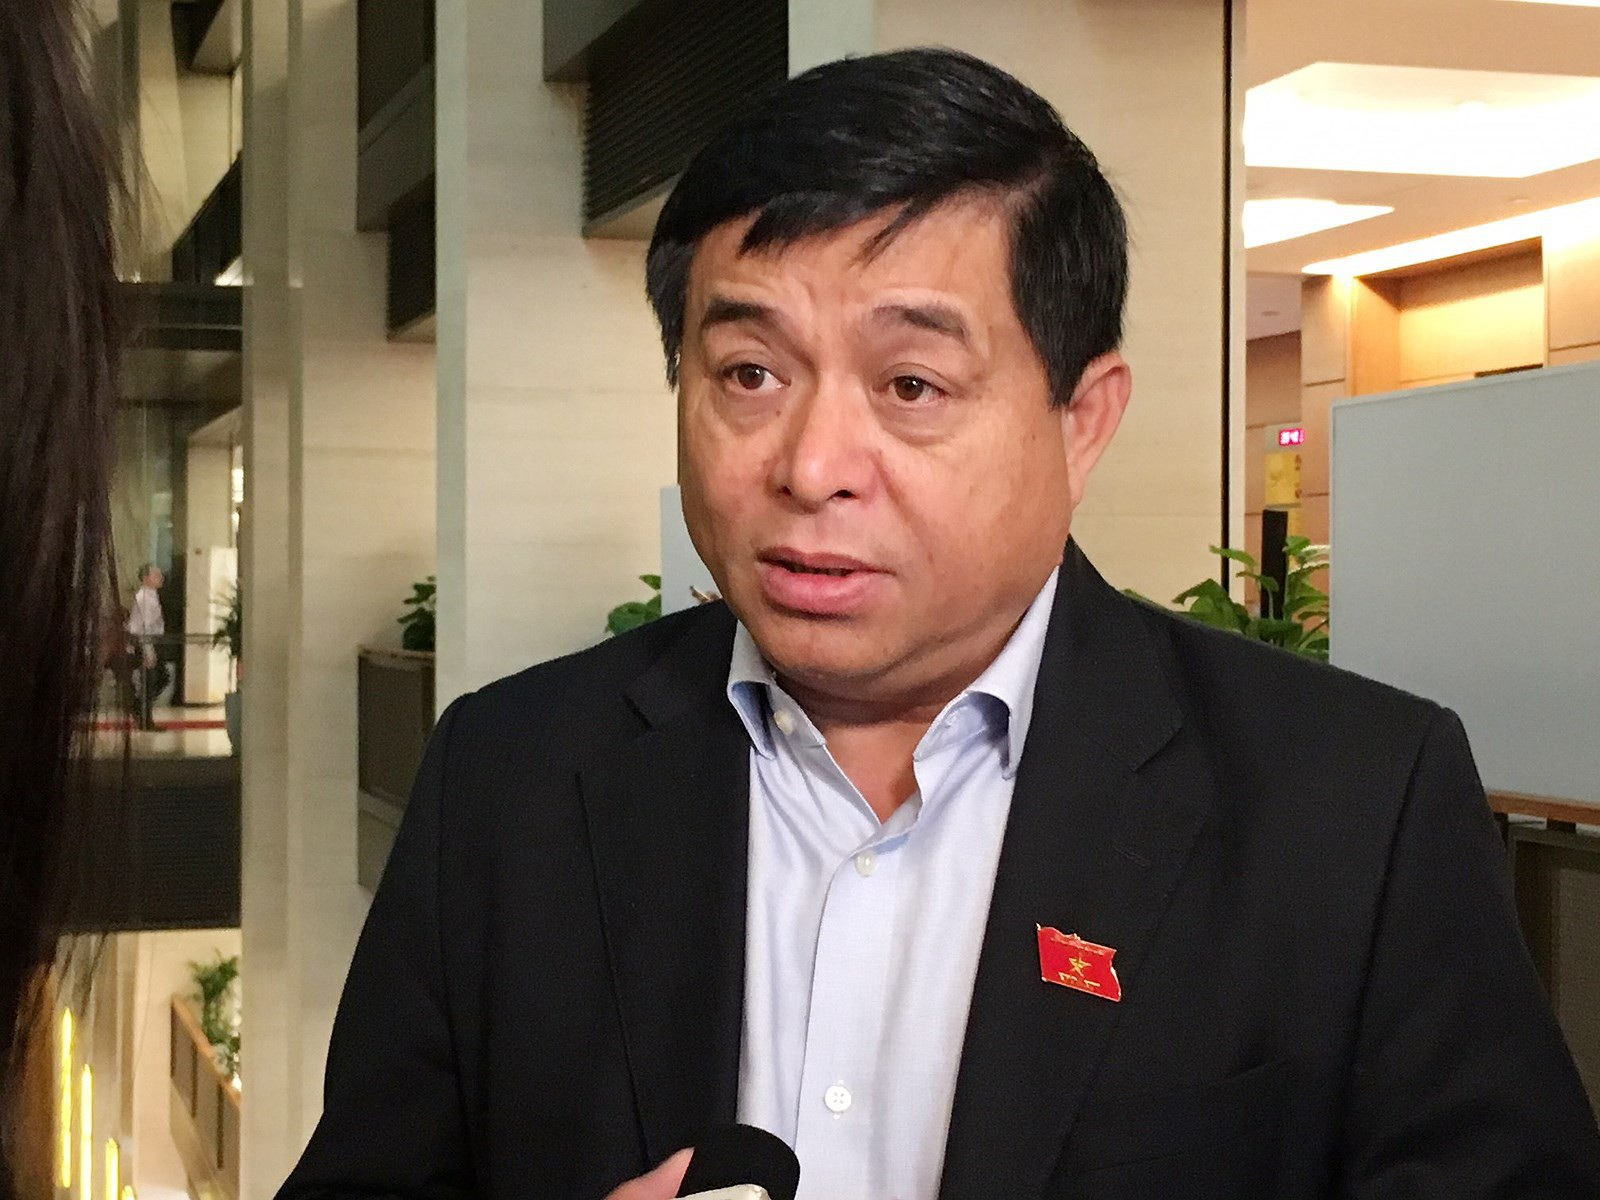 Bộ trưởng Bộ Kế hoạch: Không thể để kinh tế 4.0 mà quản lý chỉ 1.0 - Ảnh 1.